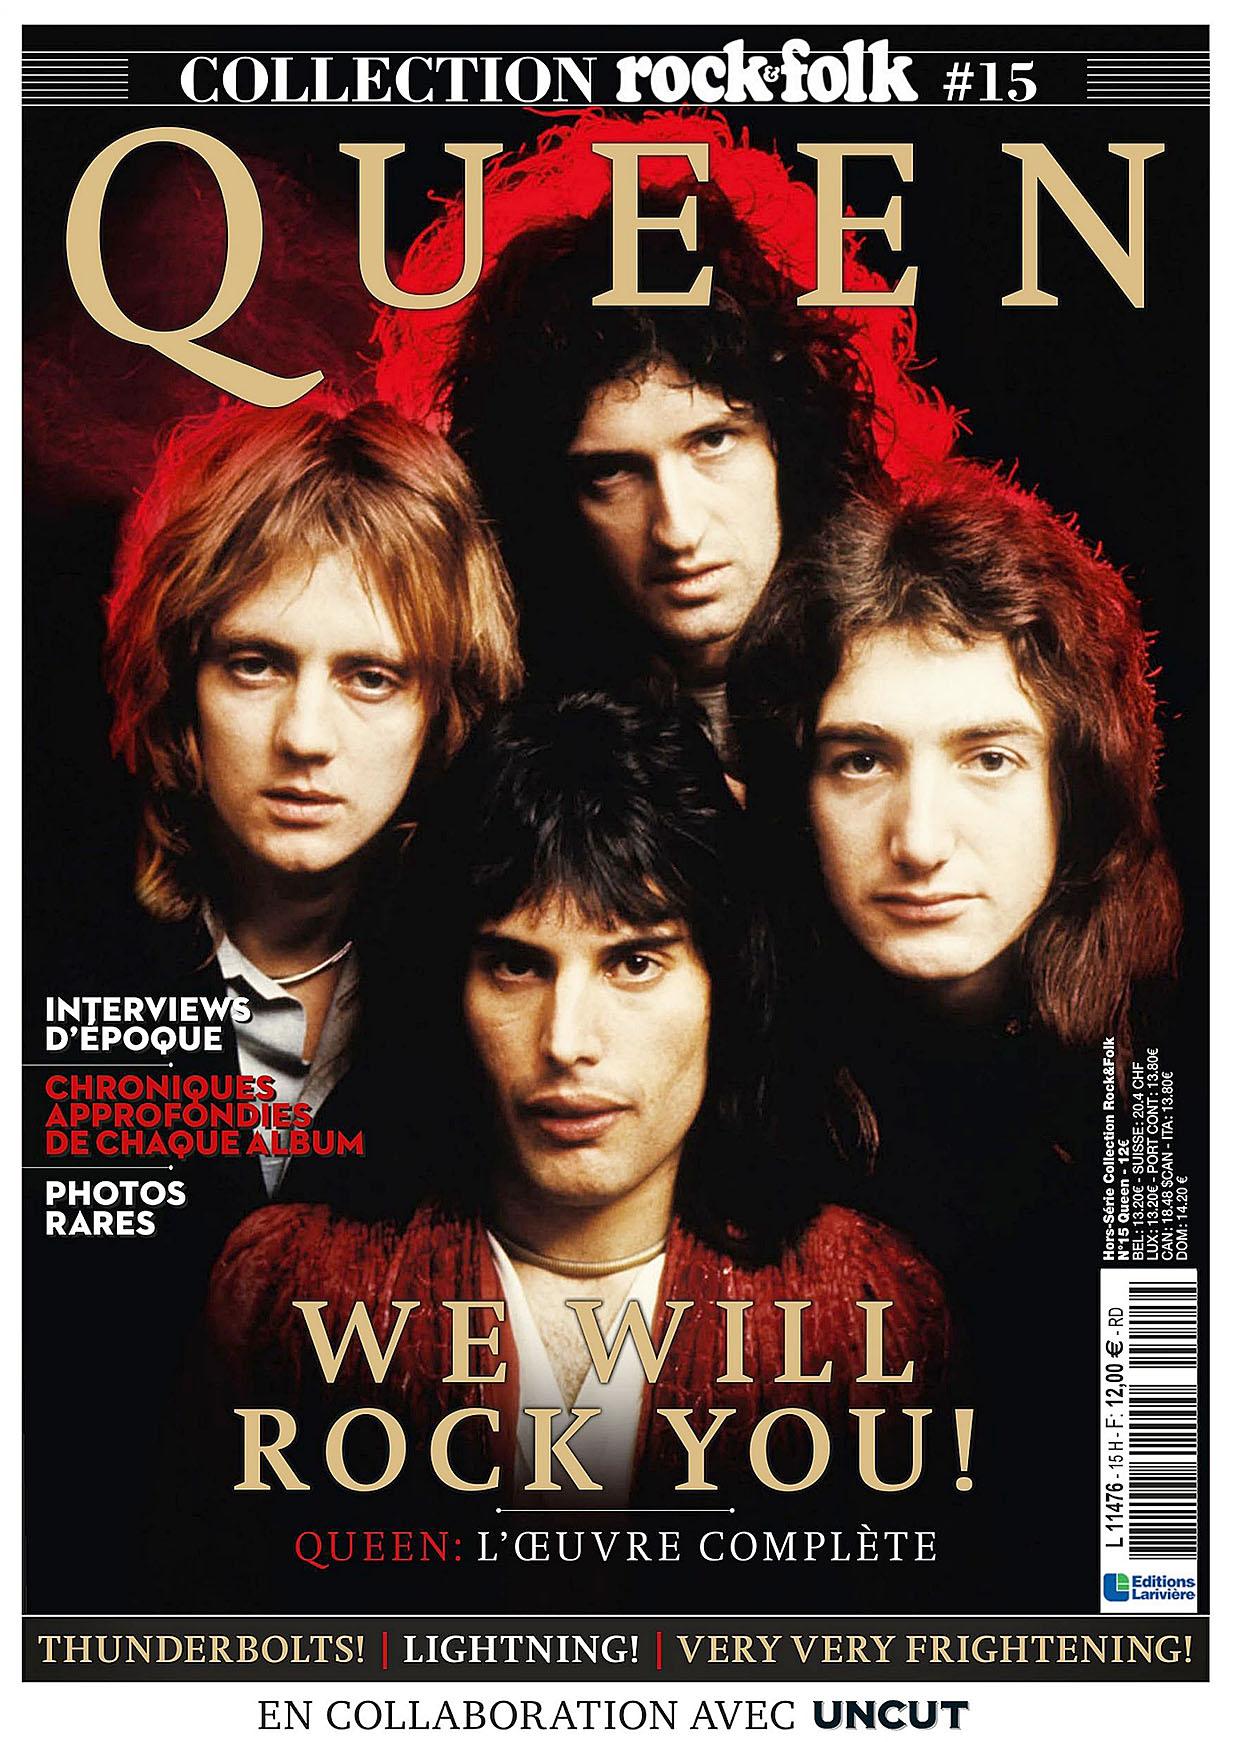 Rock and Folk Sp 15 2020 Queen.jpg